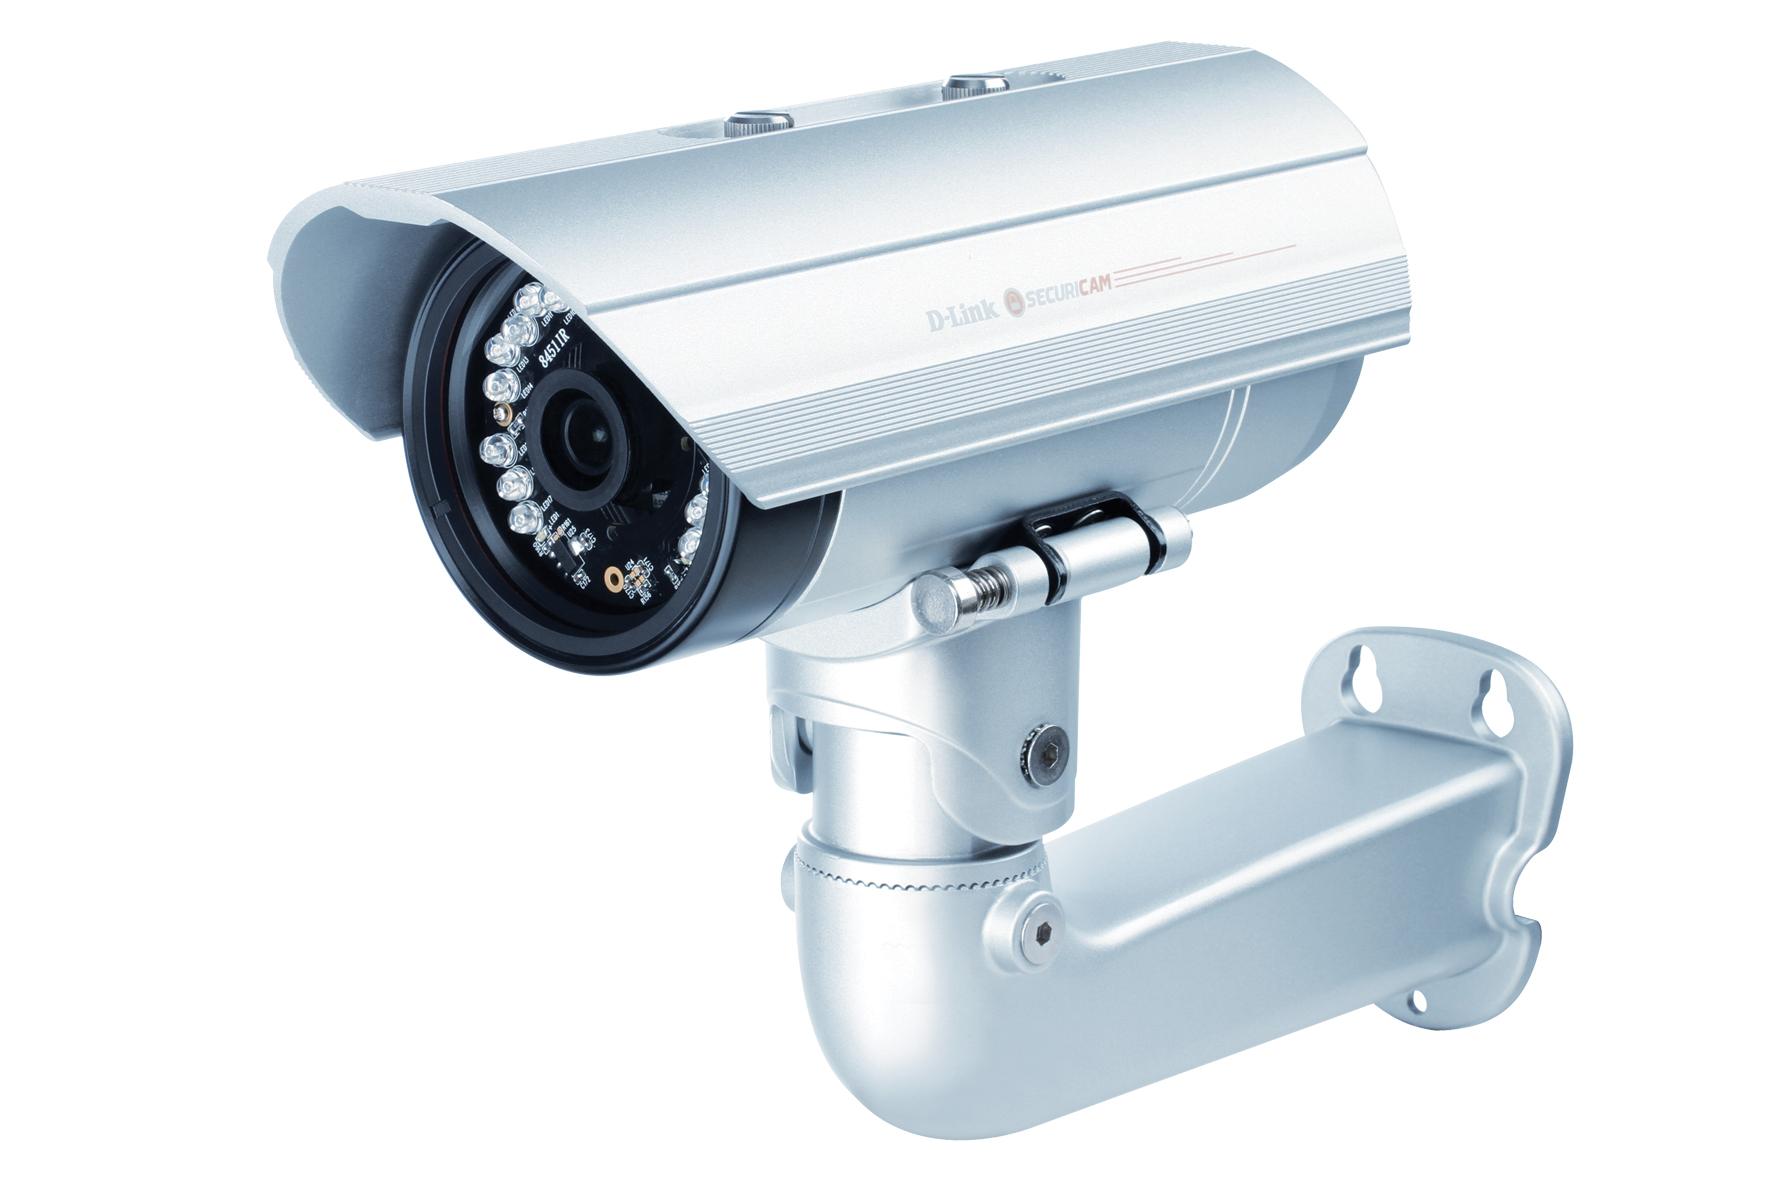 Kompleksowa oferta systemu monitoringu od D-Link